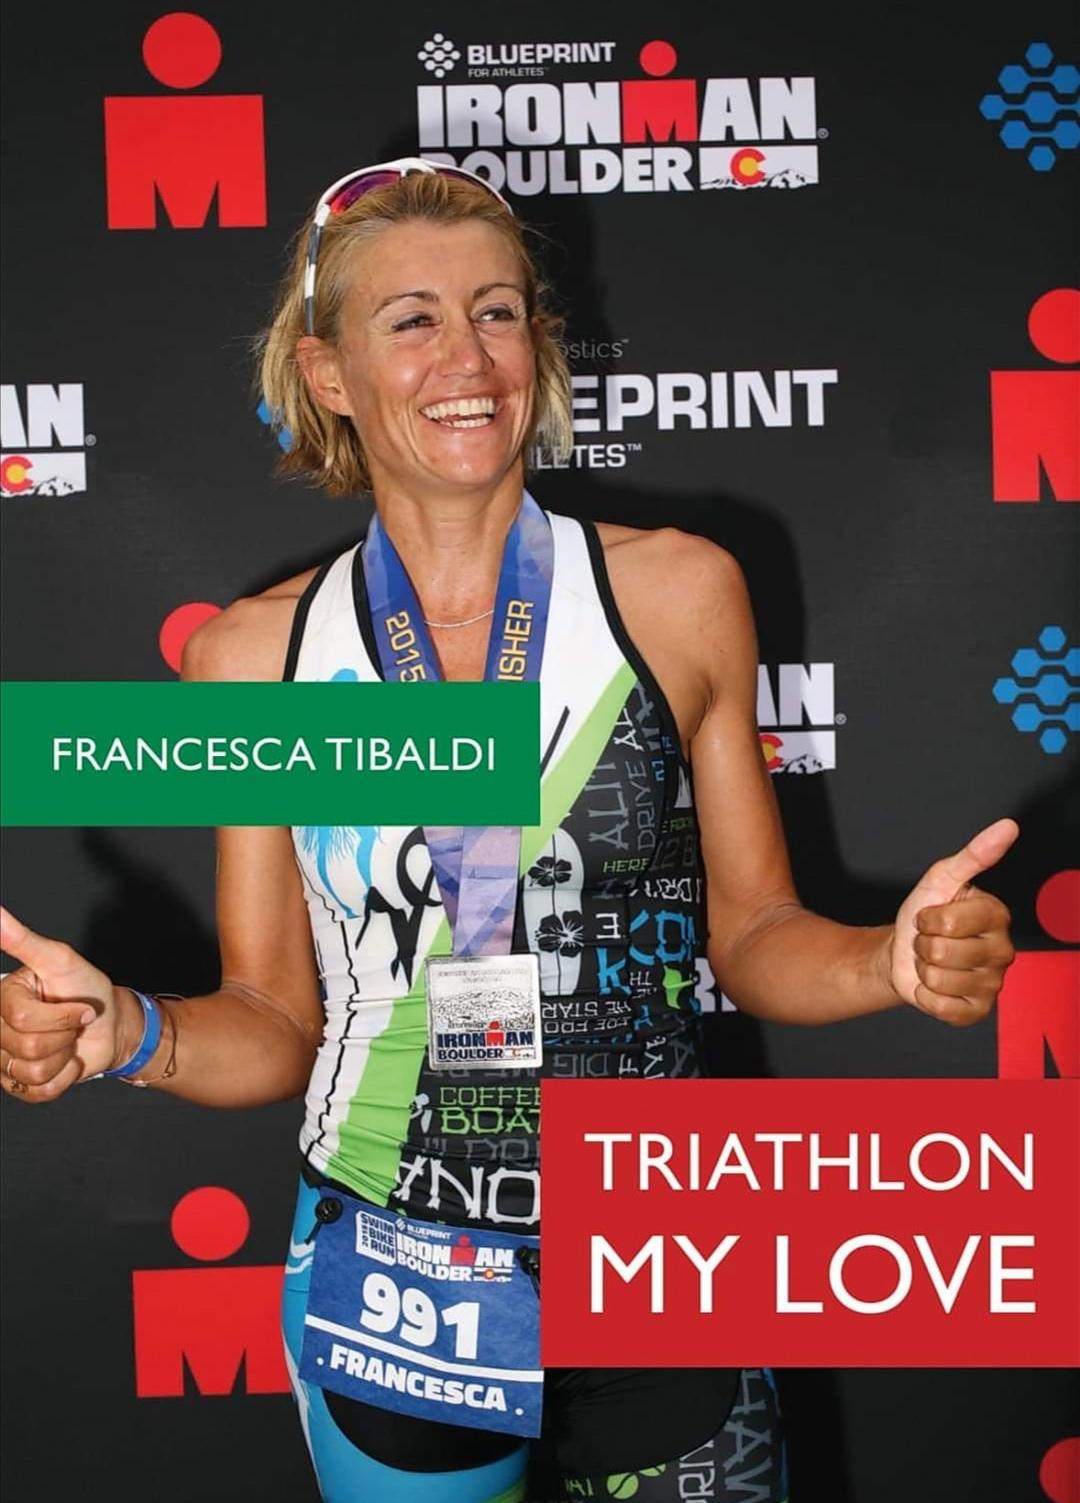 Francesca Tibaldi